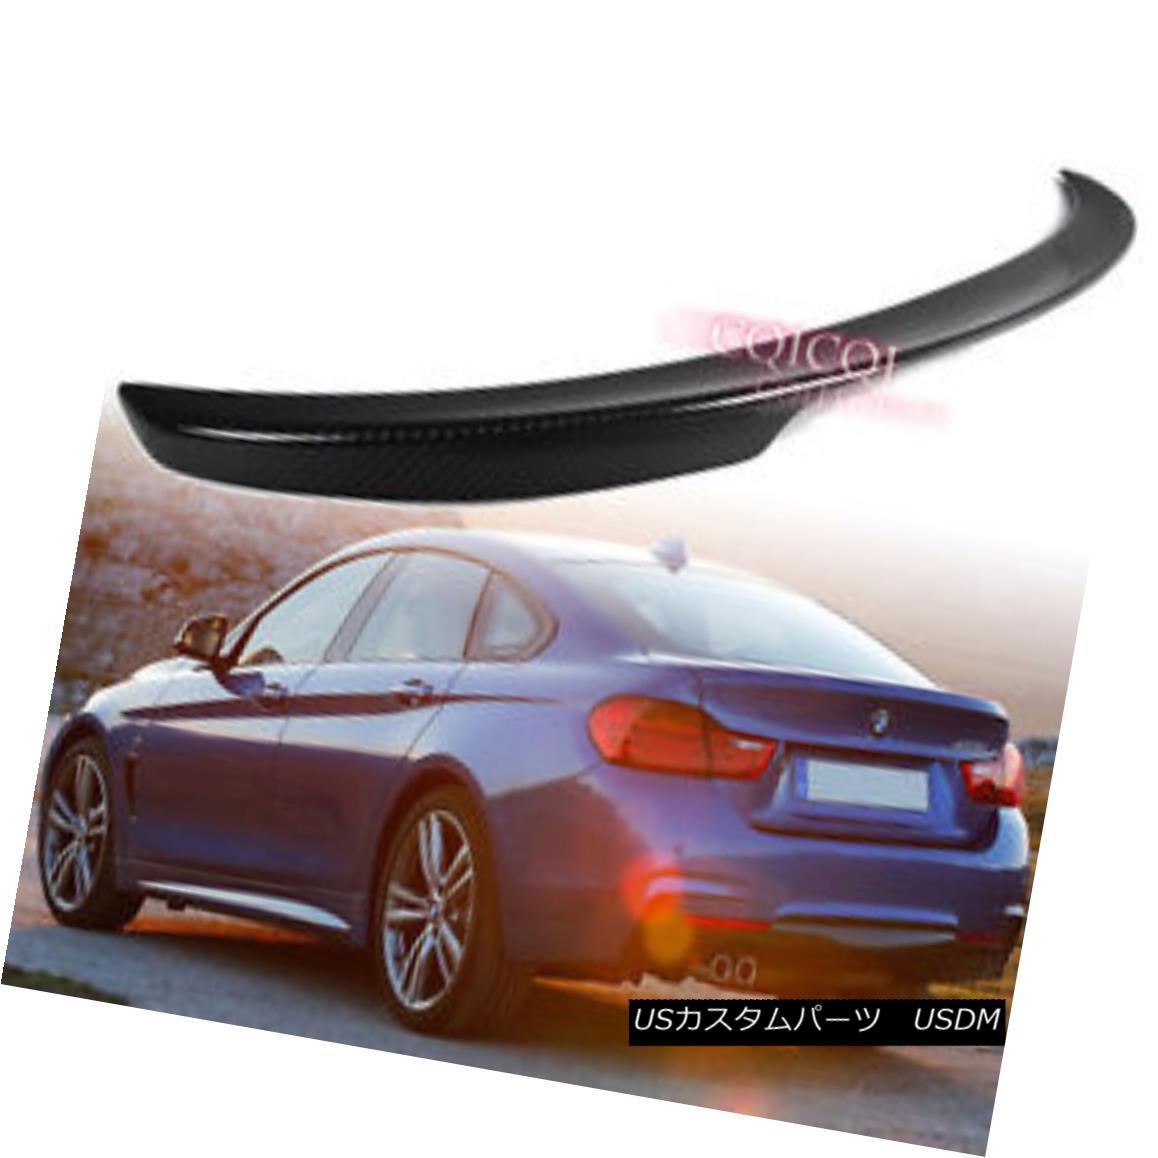 エアロパーツ Carbon Fiber BMW 14~17 F36 4-series gran coupe performance type trunk spoiler◎ 炭素繊維BMW 14?17 F36 4シリーズグランクーペパフォーマンスタイプのトランク・スポイラー?